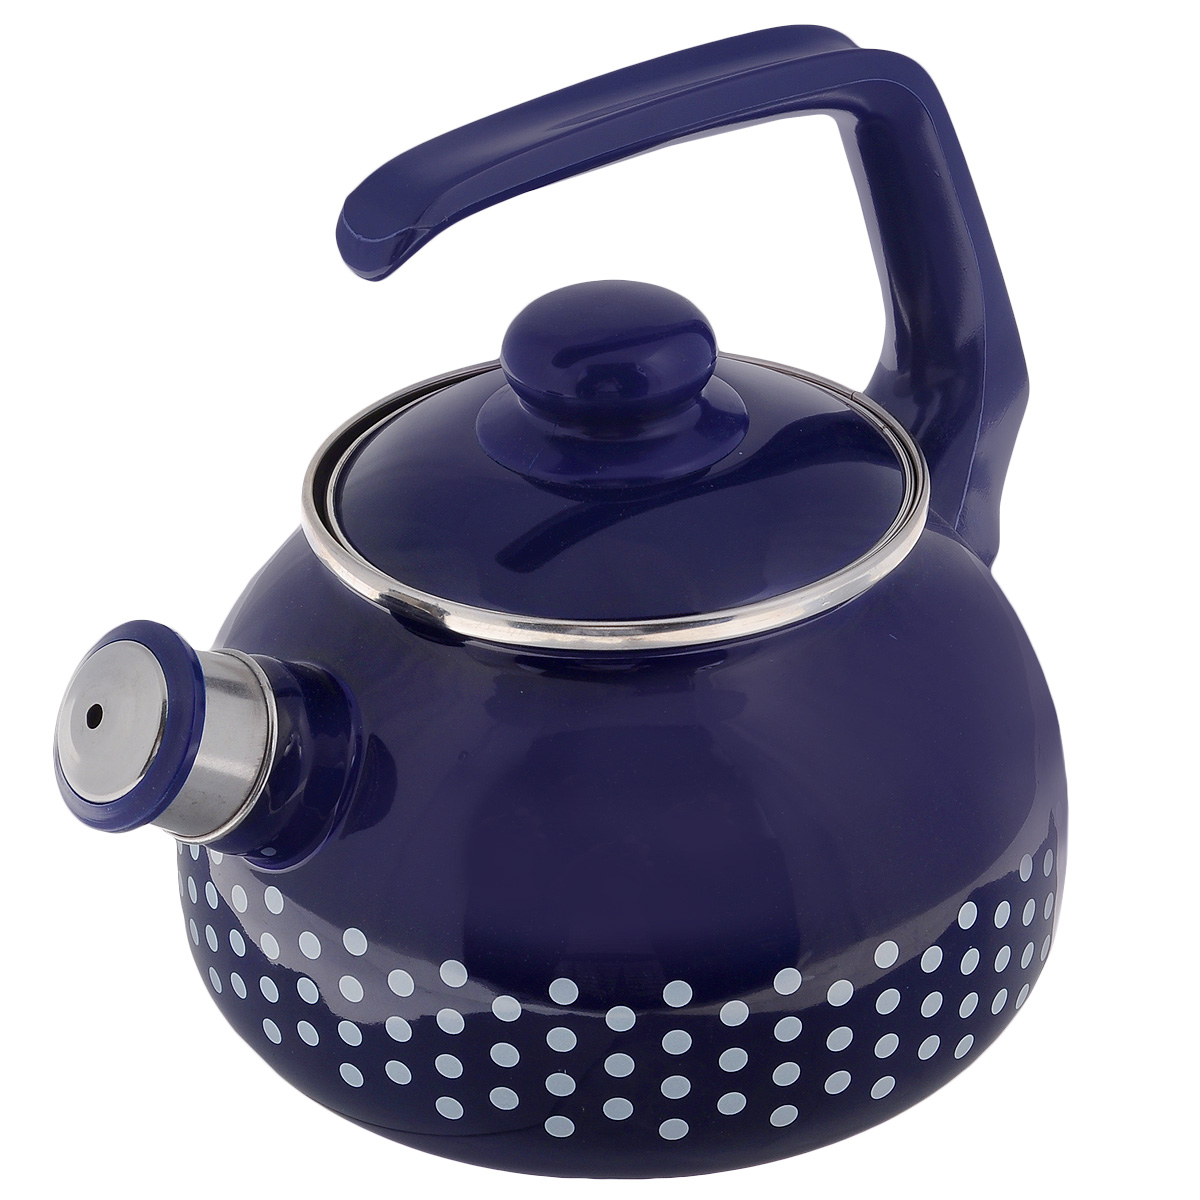 Чайник Metrot Горошек, со свистком, цвет: синий, 2,5 л108669Чайник Metrot Горошек выполнен из высококачественной стали, что обеспечивает долговечность использования. Внешнее цветное эмалевое покрытие придает приятный внешний вид. Бакелитовая фиксированная ручка делает использование чайника очень удобным и безопасным. Чайник снабжен съемным свистком.Можно мыть в посудомоечной машине. Пригоден для всех видов плит, включая индукционные.Высота чайника (без учета крышки и ручки): 13 см. Диаметр (по верхнему краю): 13 см.